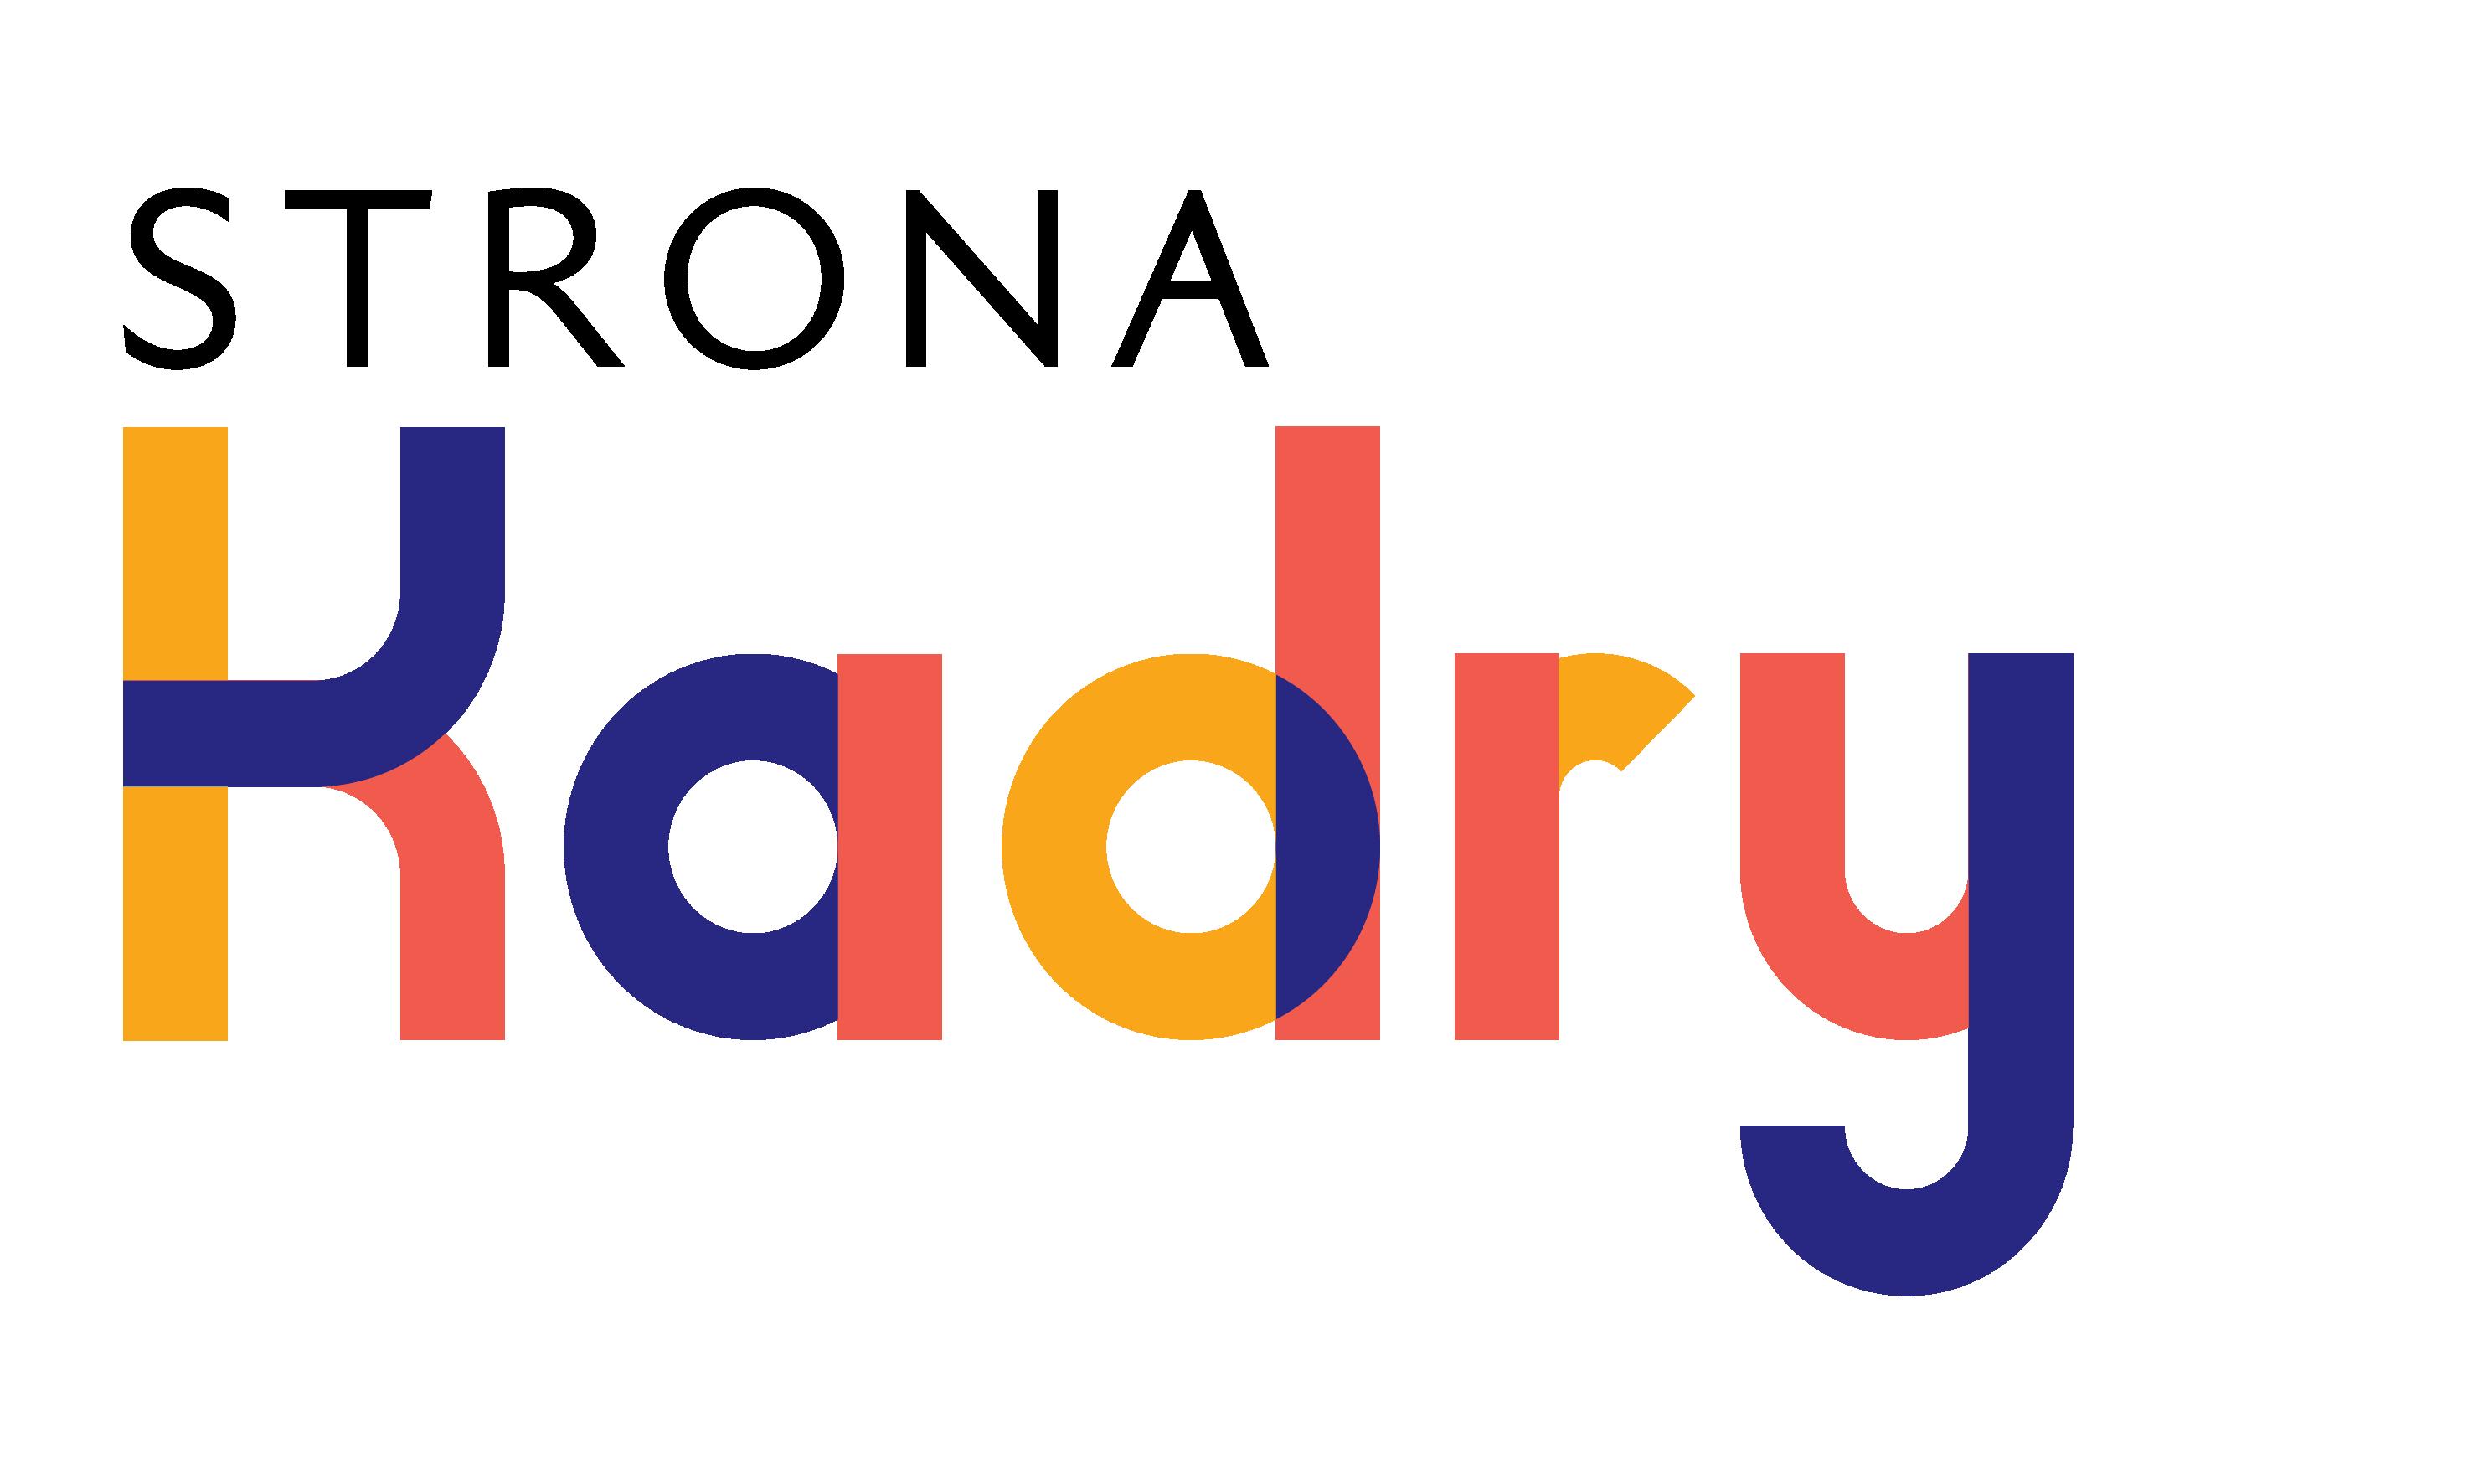 Strona Kadry logo